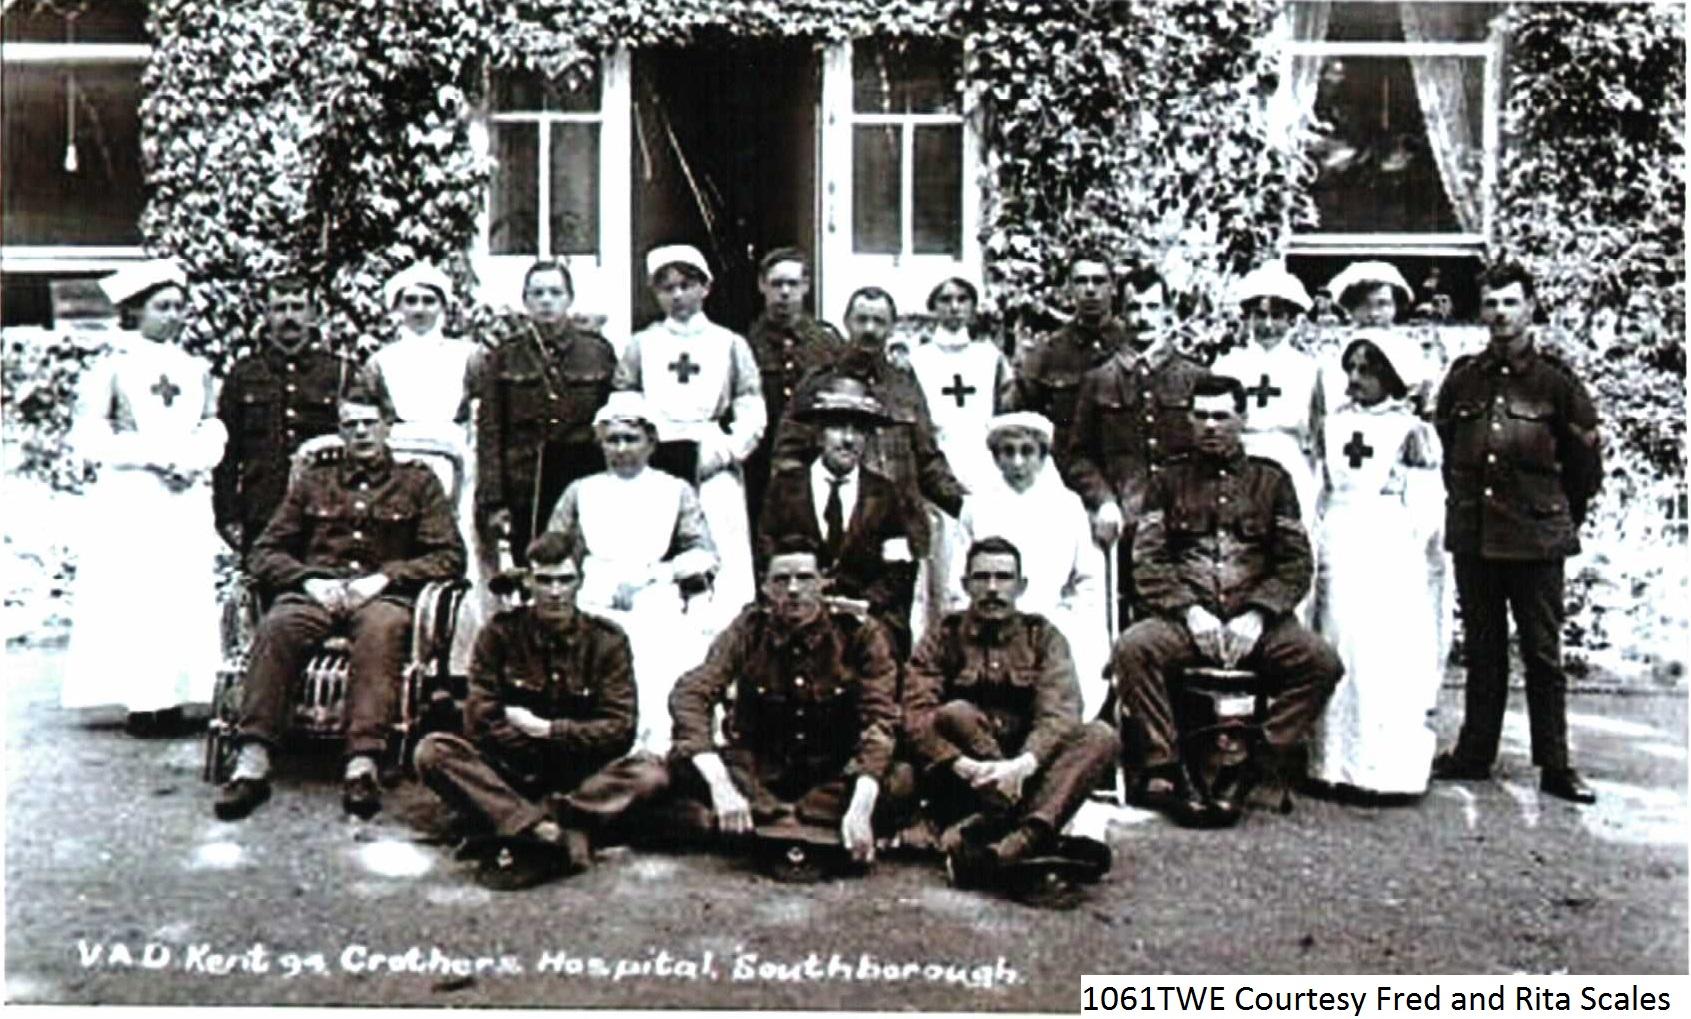 Group Photo Outside Hospital